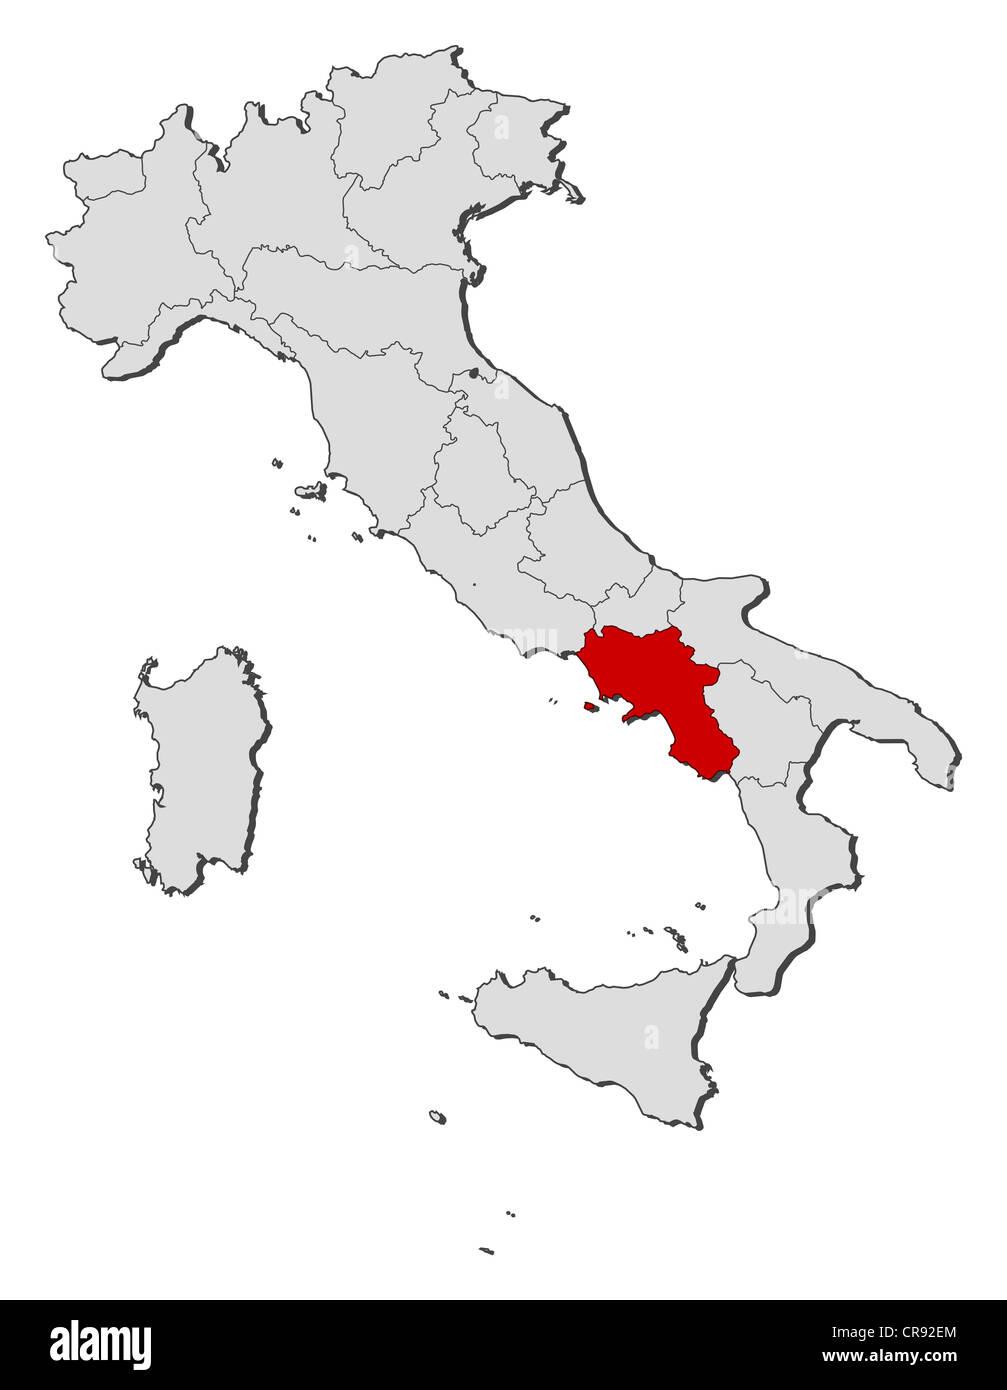 Cartina Geografica Politica Campania.Mappa Politica Dell Italia Con Le Diverse Regioni Dove La Campania E Evidenziata Foto Stock Alamy